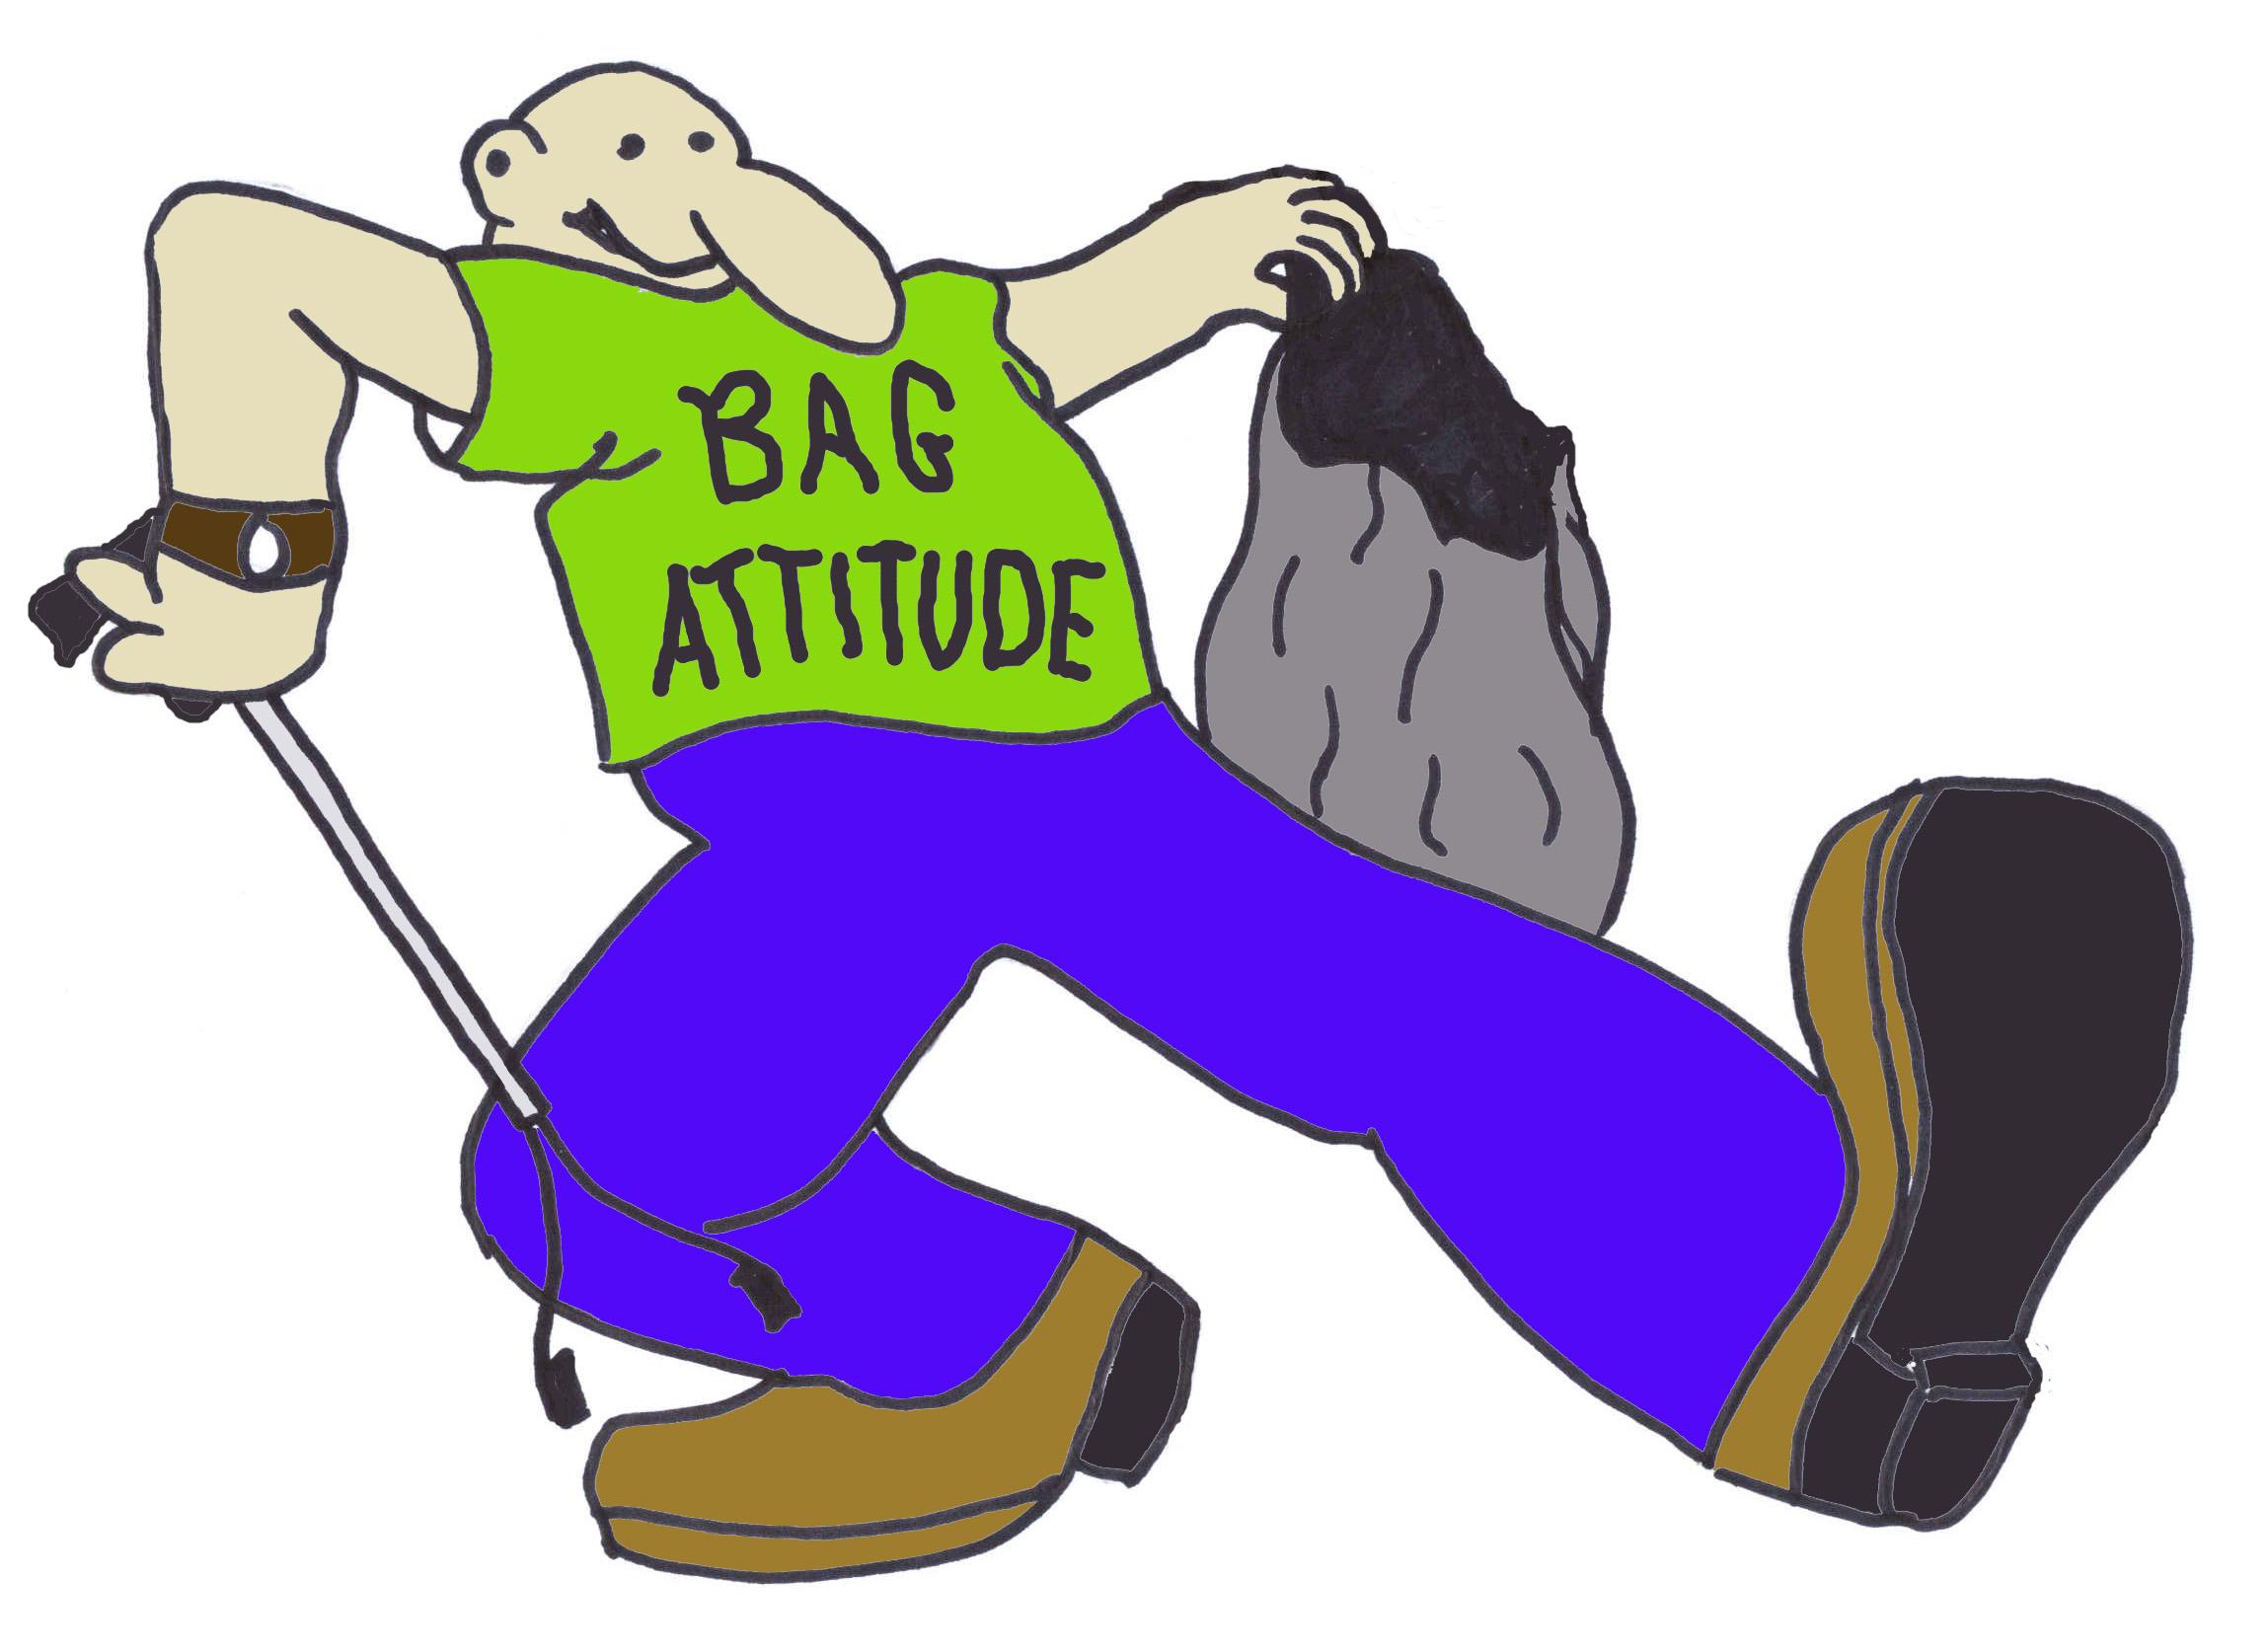 You need a Bag Attitude